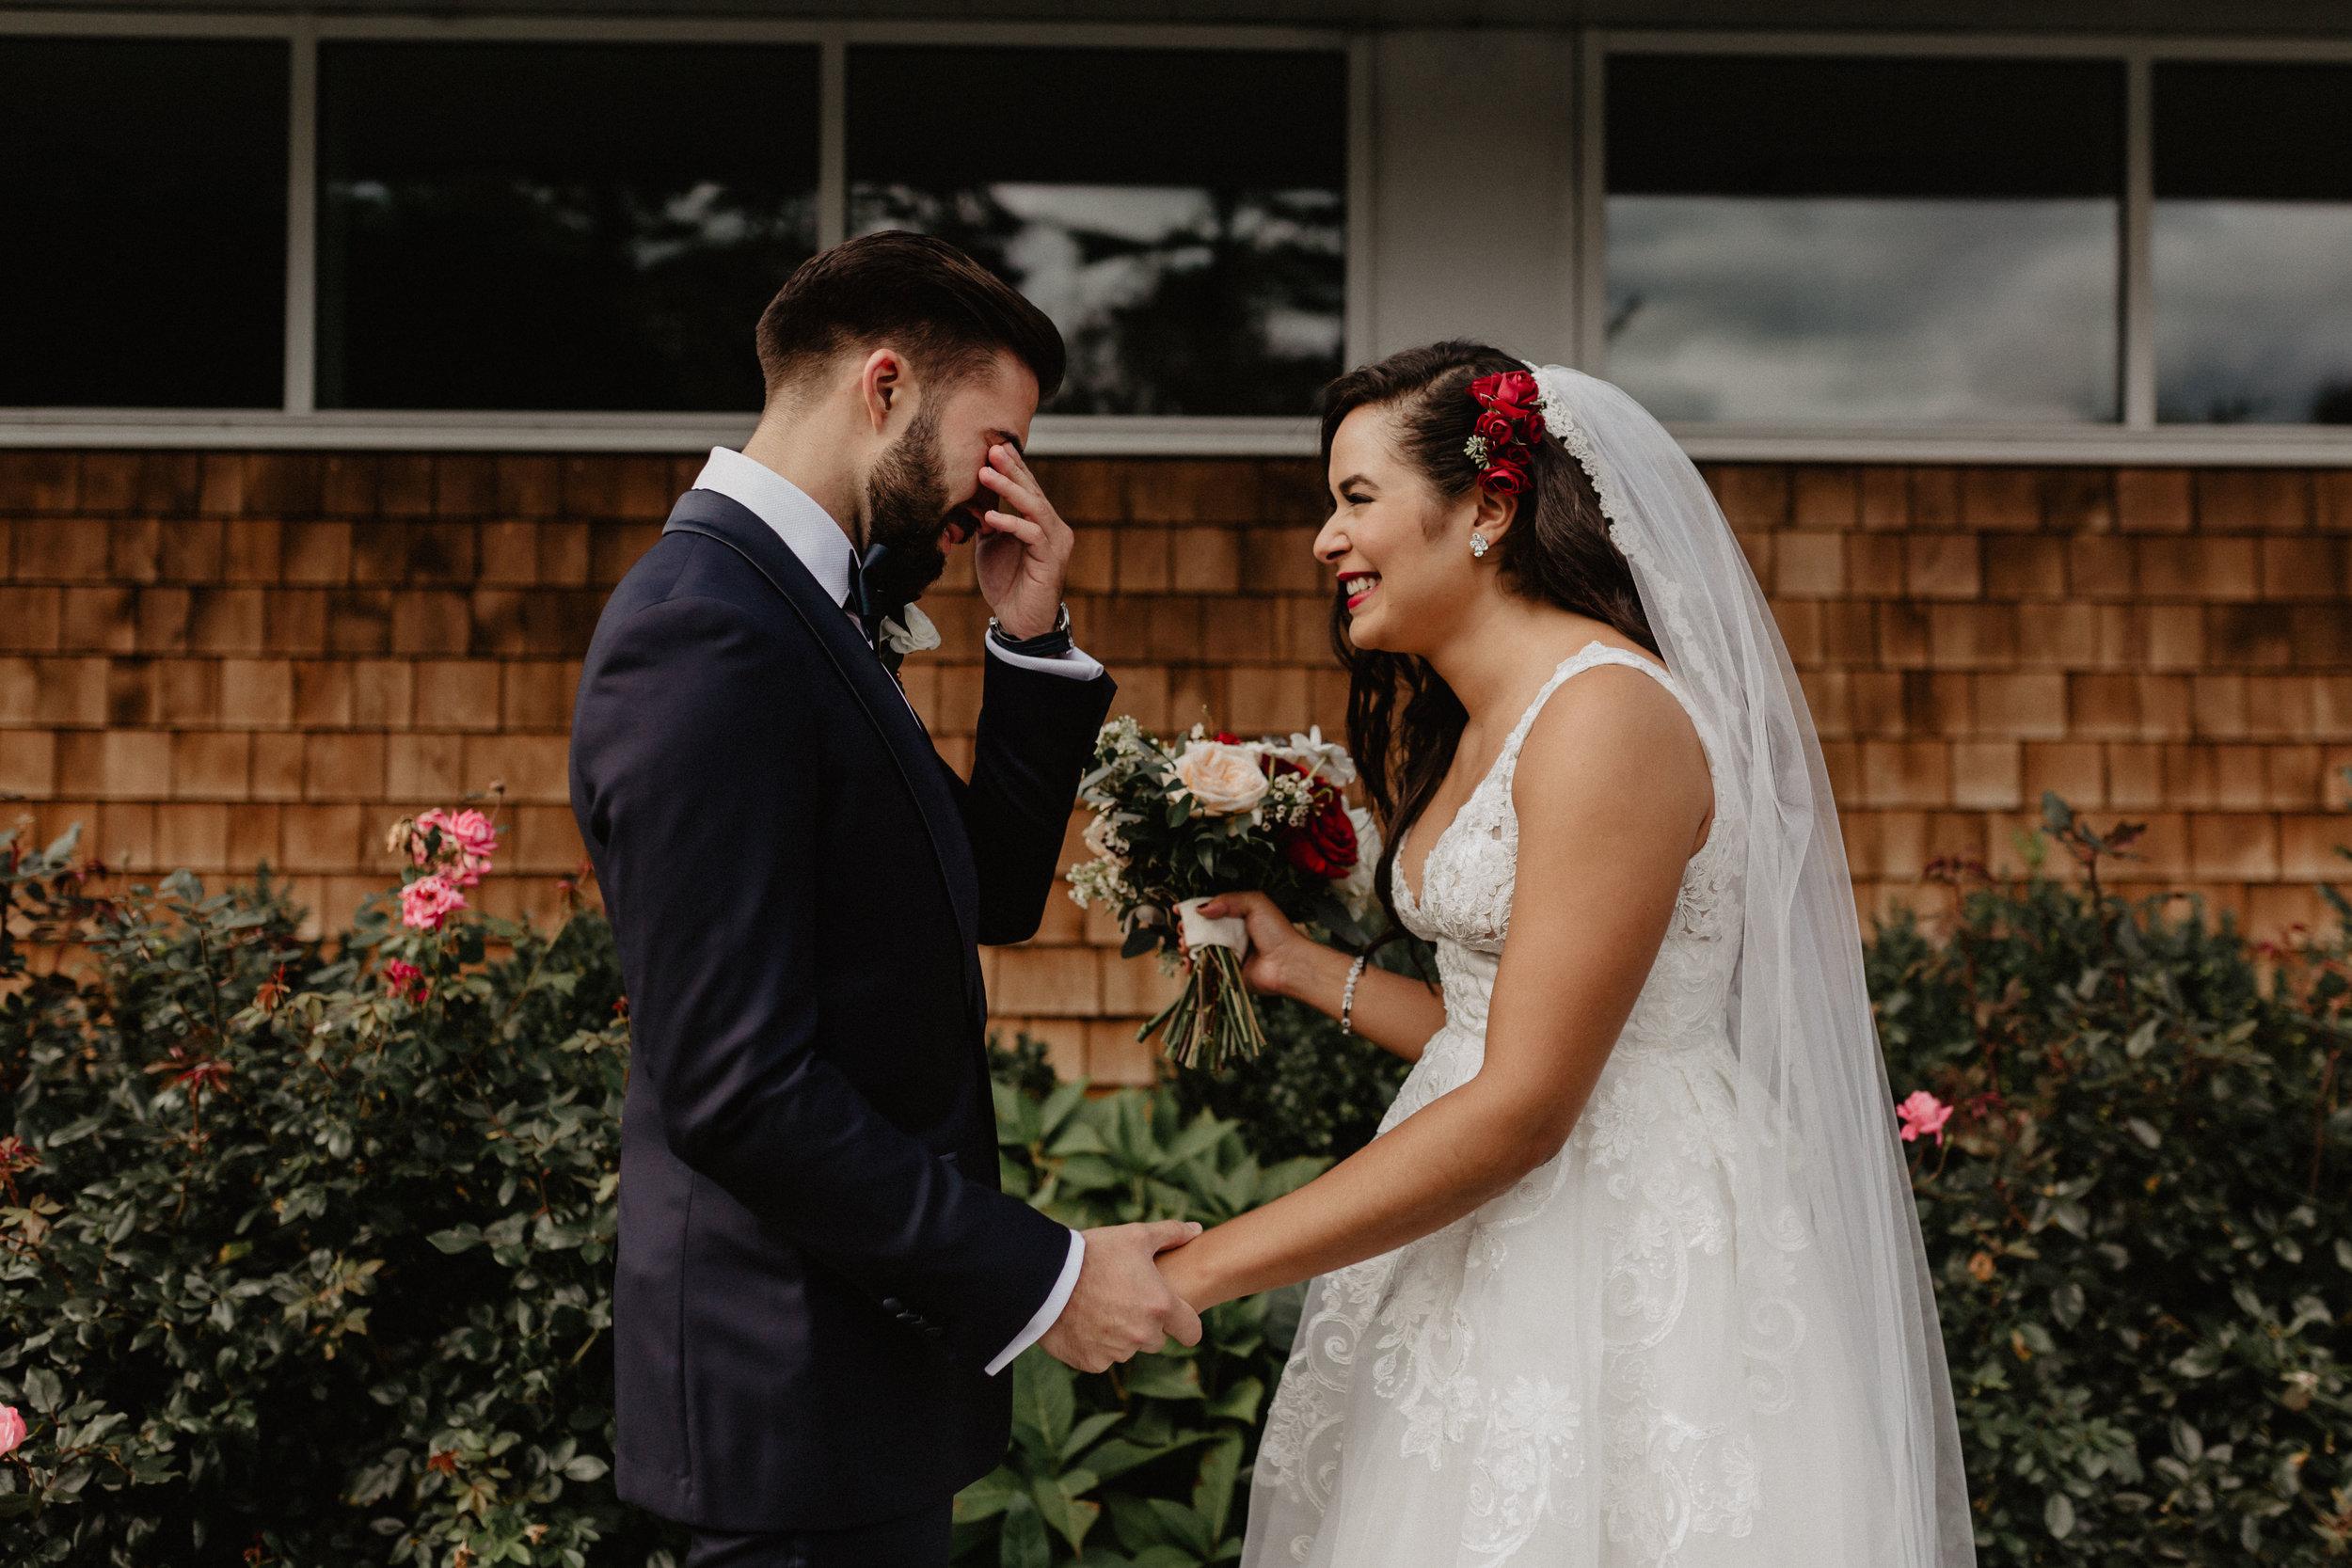 garrison_wedding_photos_033.jpg